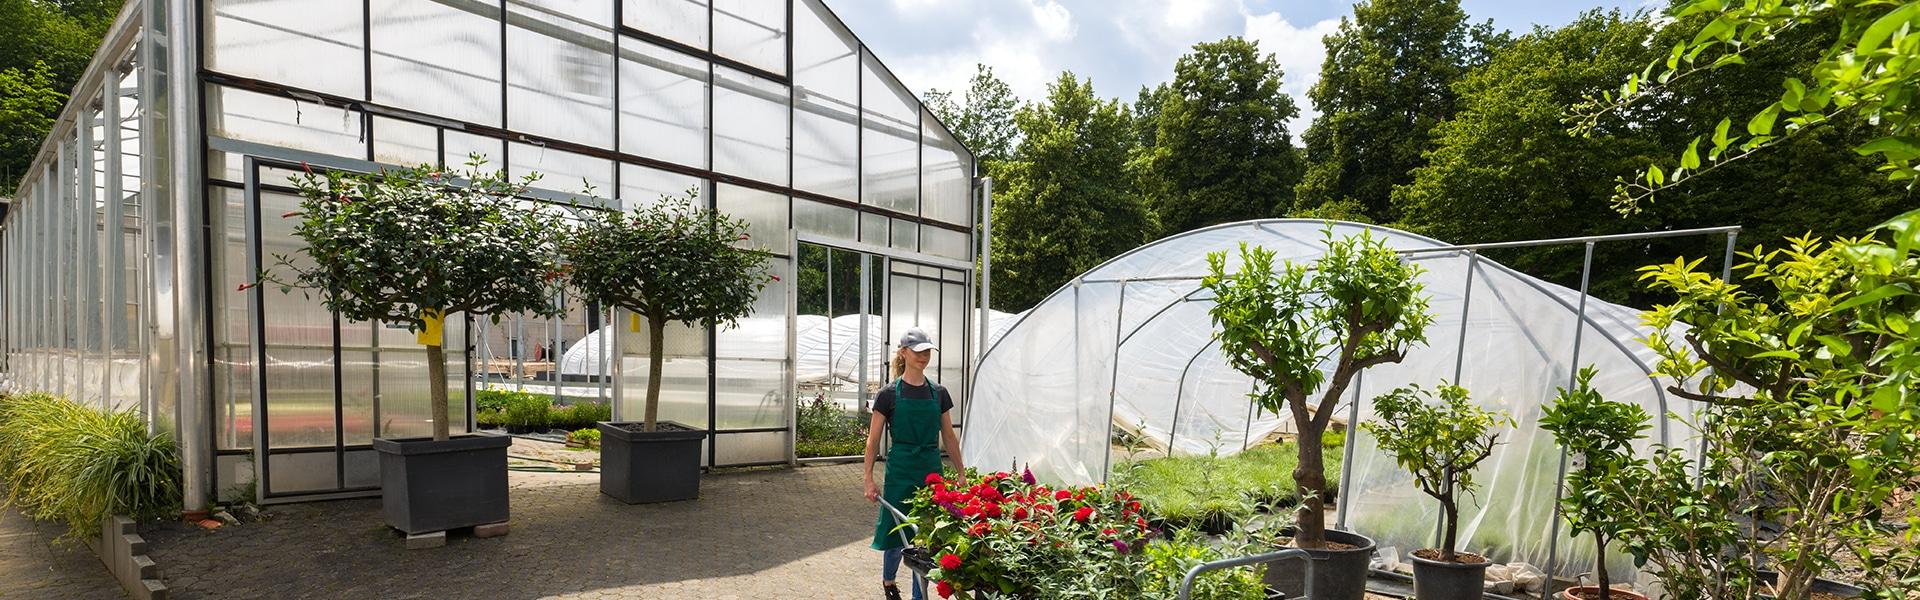 Foliengewächshaus und Gewächshaus mit Gärtnerin bei der Arbeit